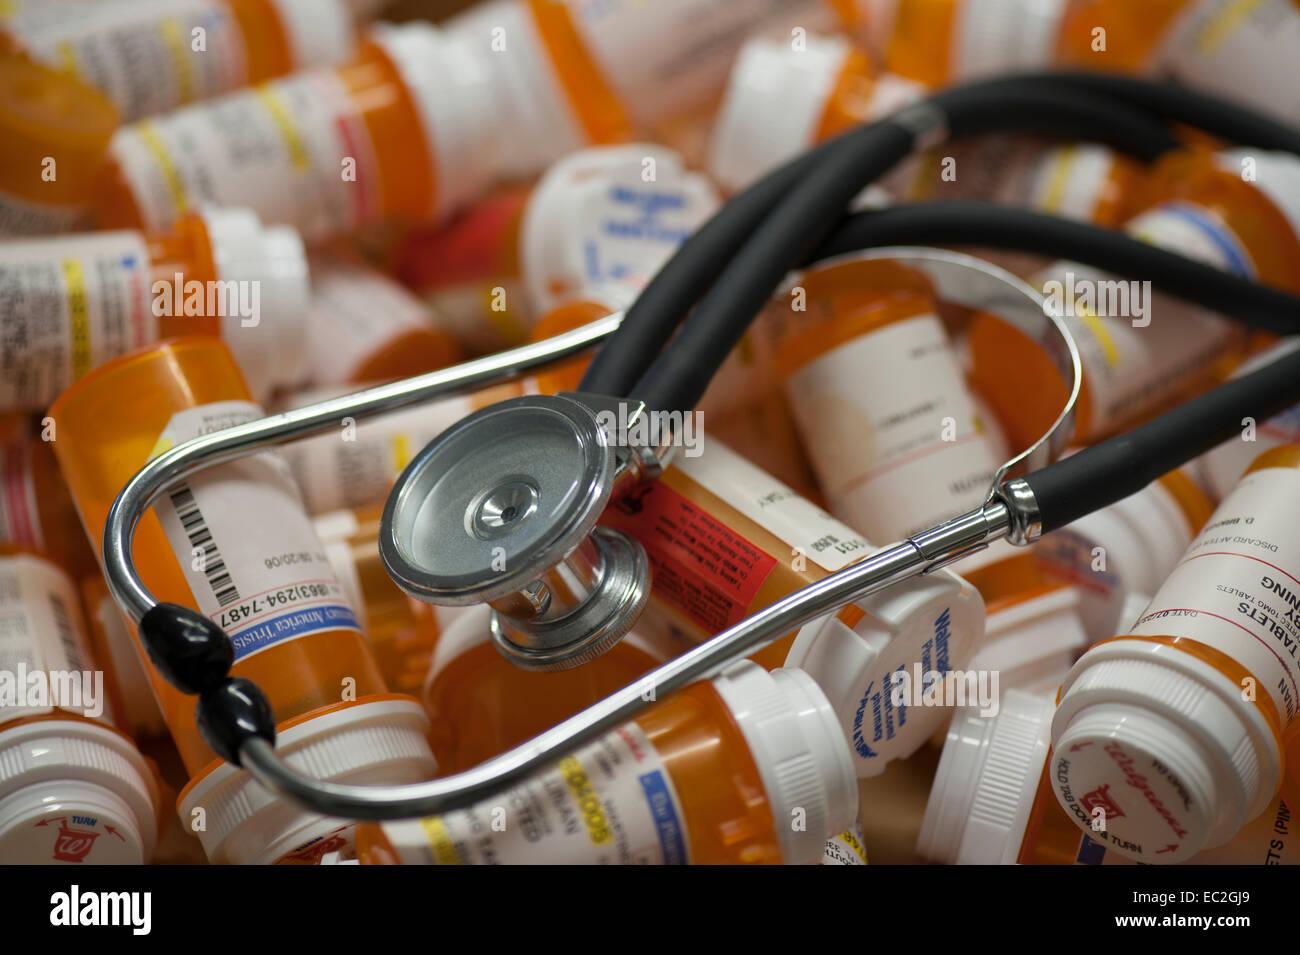 stethoscope lying on pile of prescription bottles - Stock Image